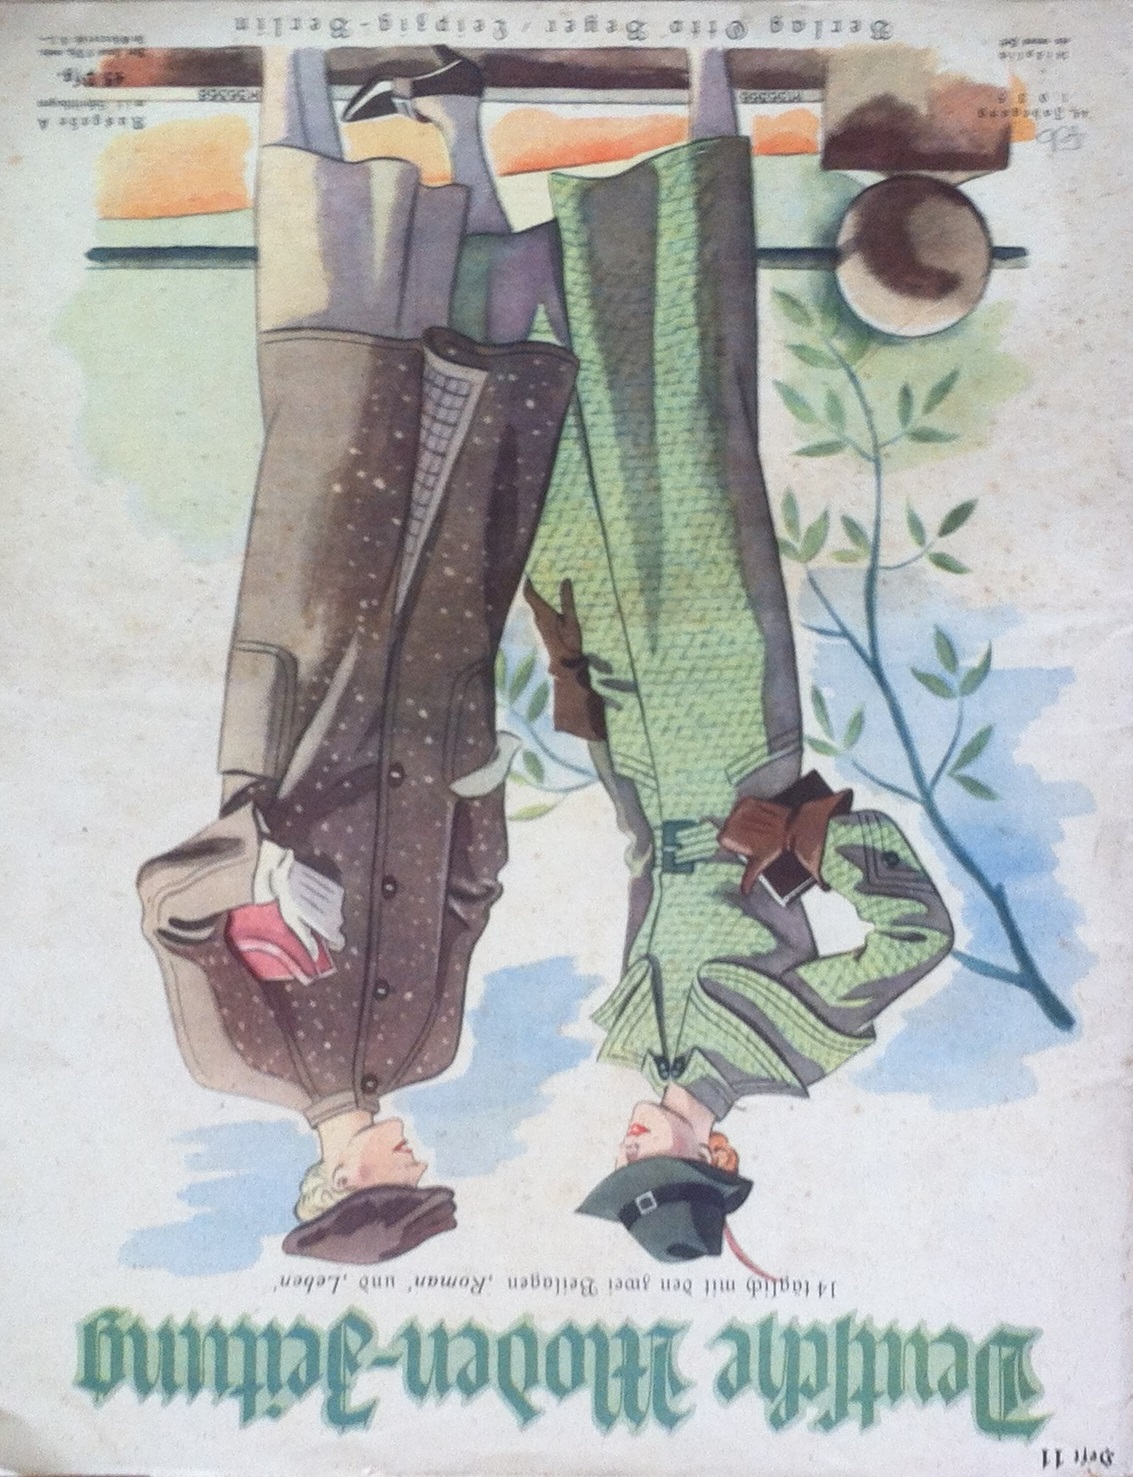 Deutsche Moden-Zeitung No. 11 Vol. 44 1935